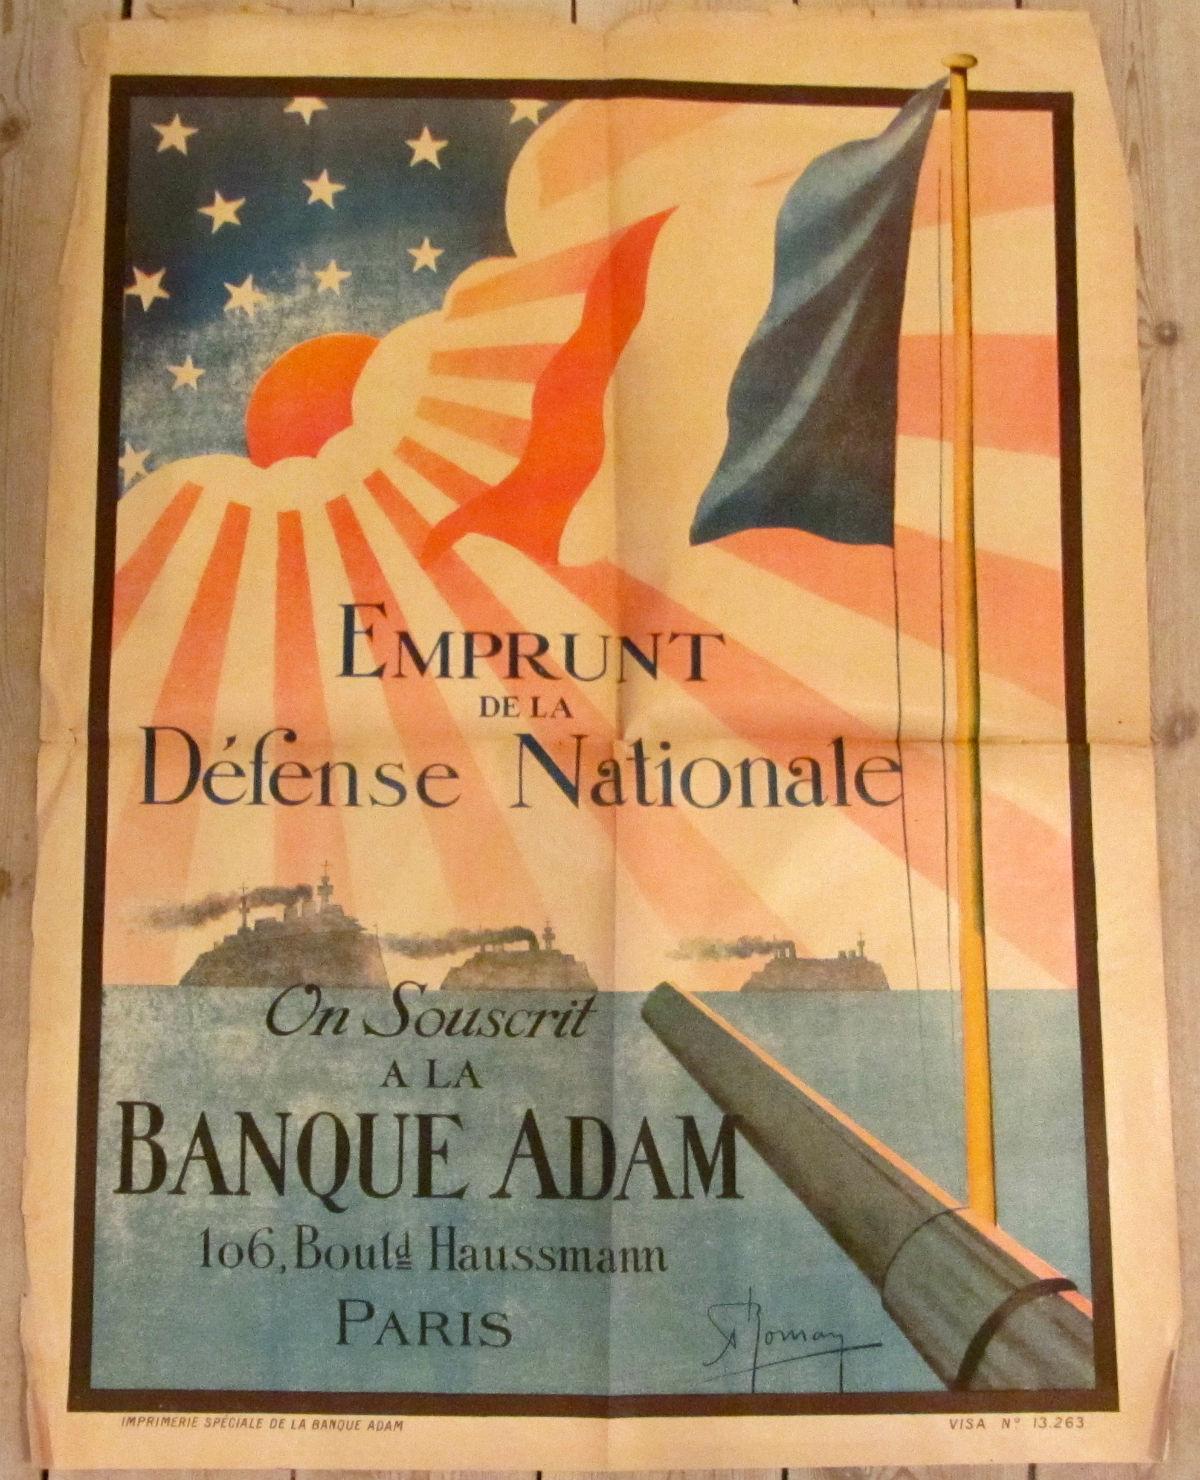 Emprunt De La Defense Nationale - vintage poster - risom.dk